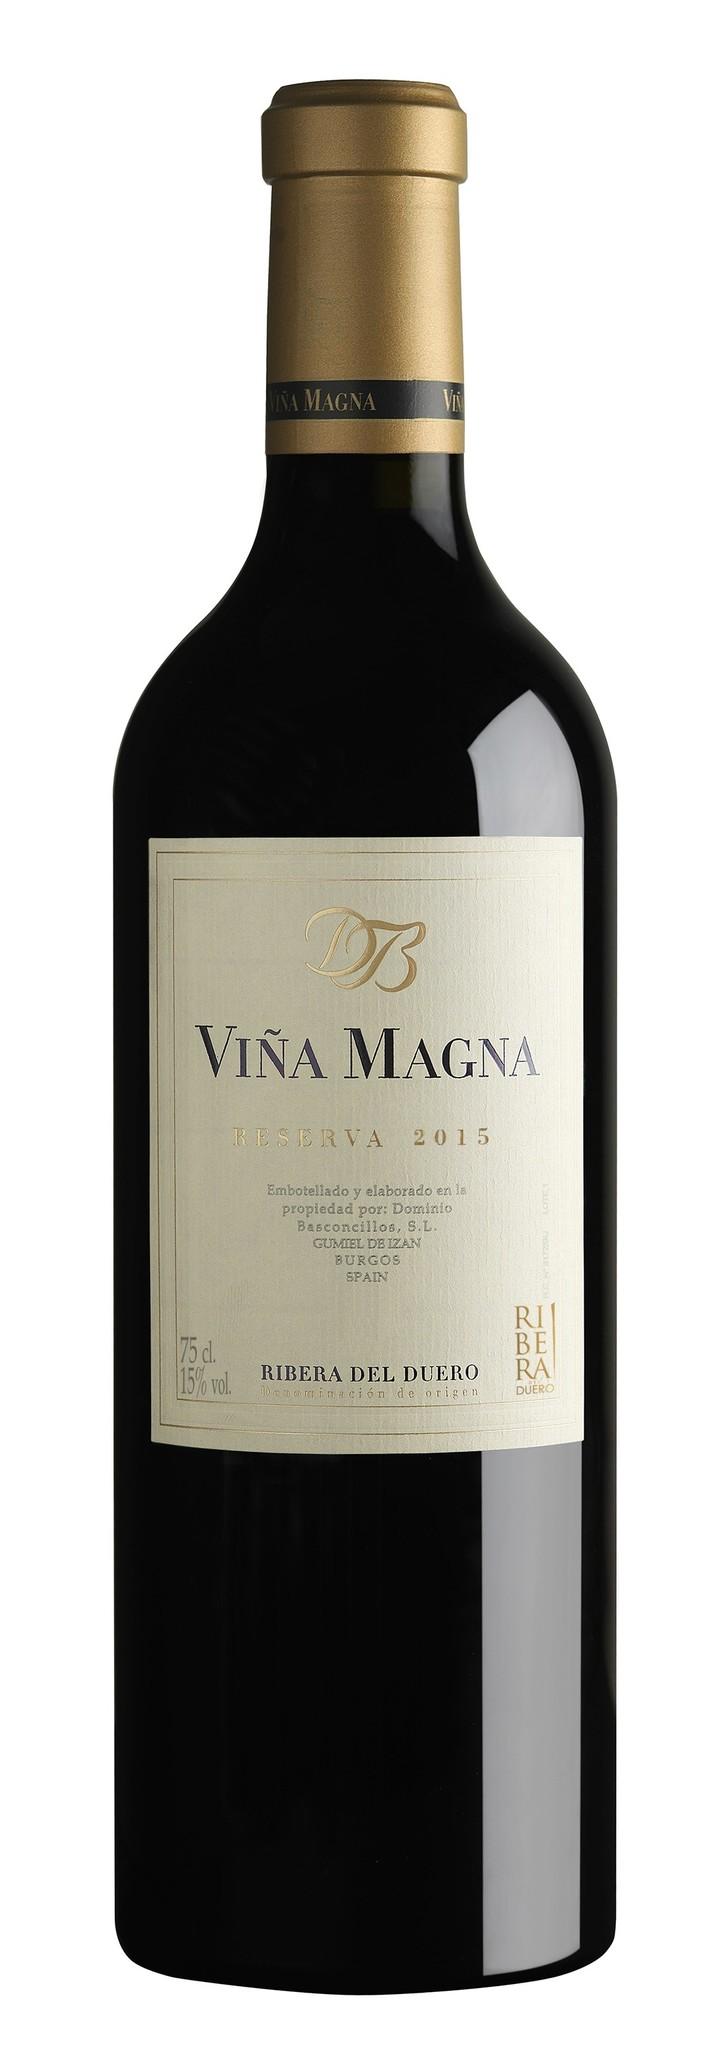 Dominio Basconcillos - Ribera del Duero 2014 Vina Magna Reserva Ribera del Duero, Dominio Basconcillos